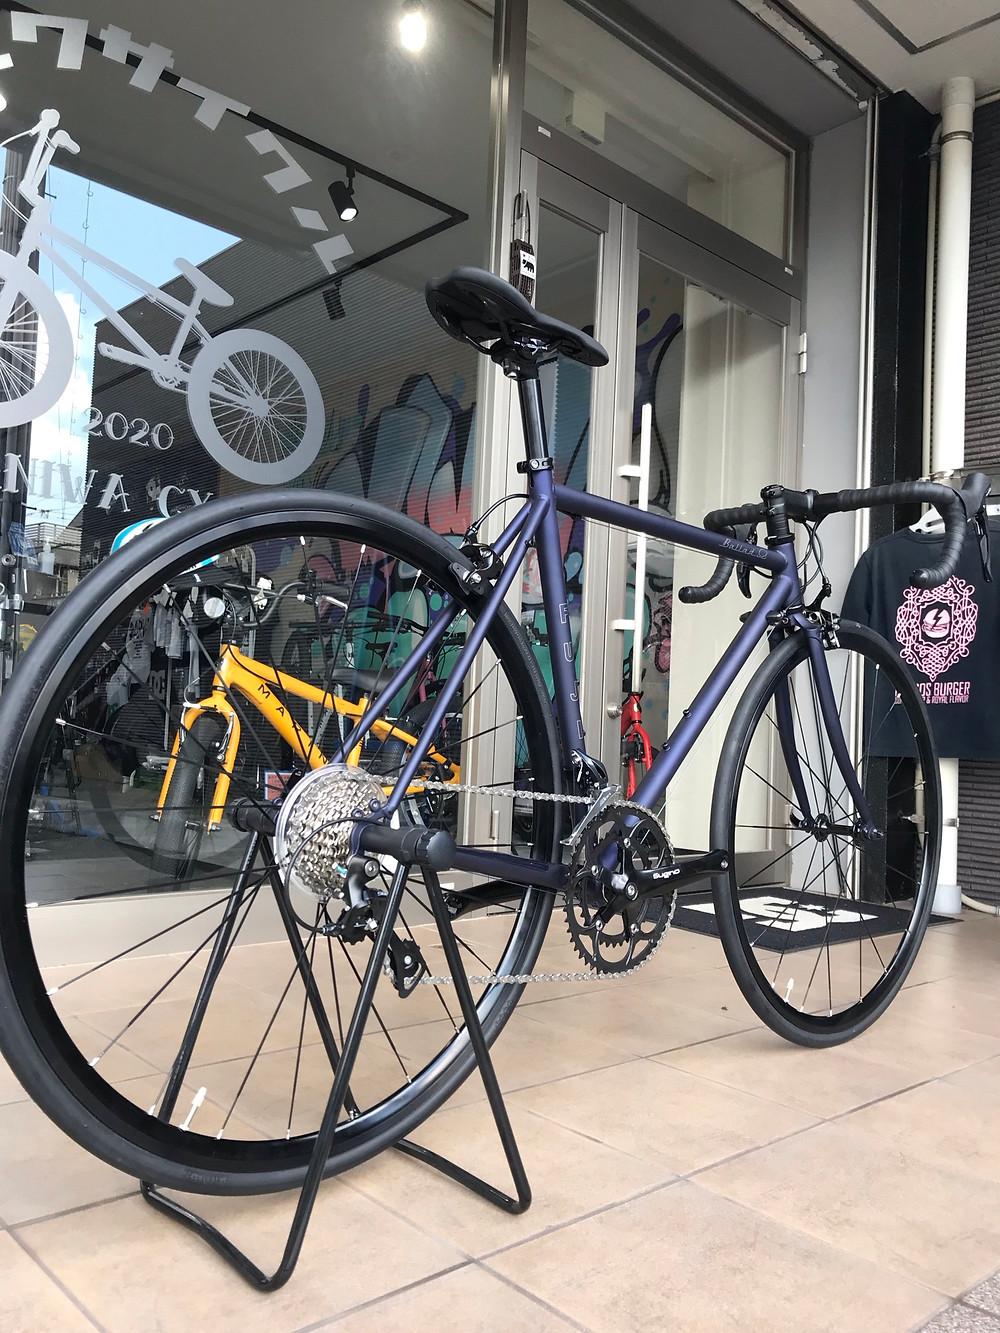 愛知県/知多半島/東海市/ロードバイク/FUJI/BALLADΩ/クロモリ